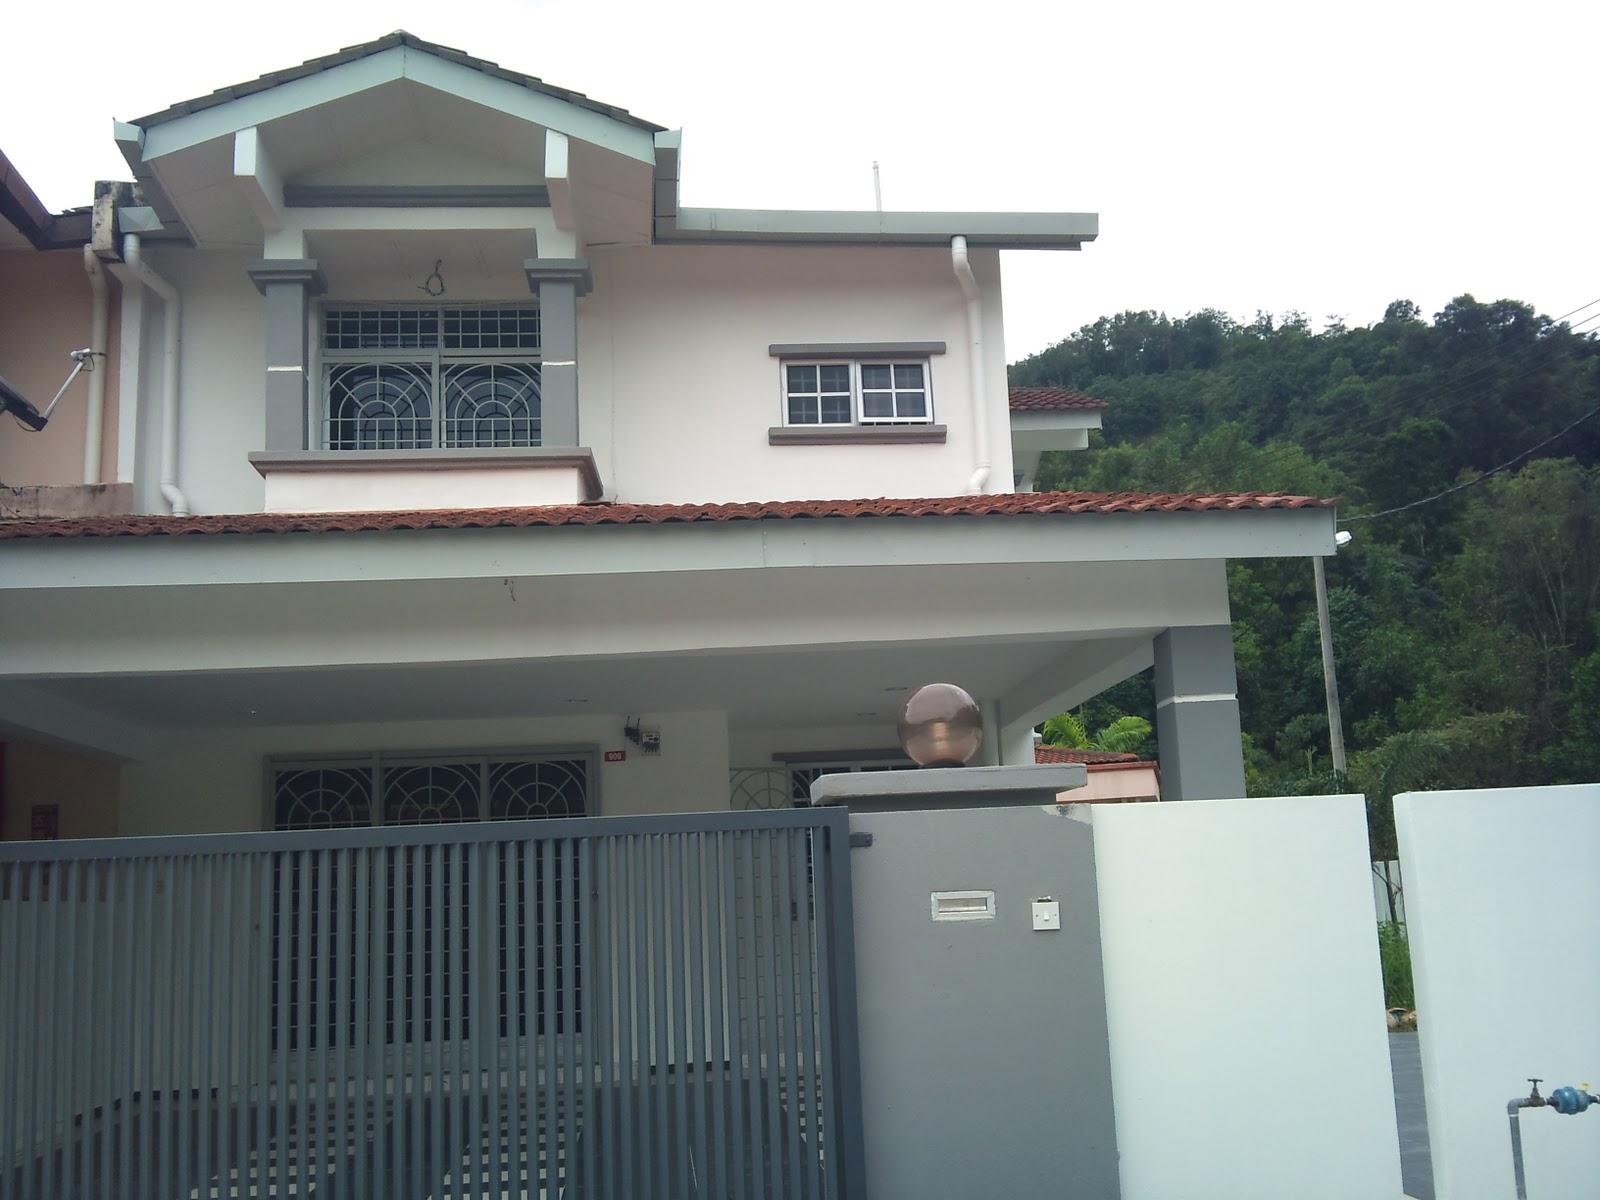 ... For: Tingkat Pelan Lantai Rumah Teres 1 Tingkat Model Rumah Minimalis